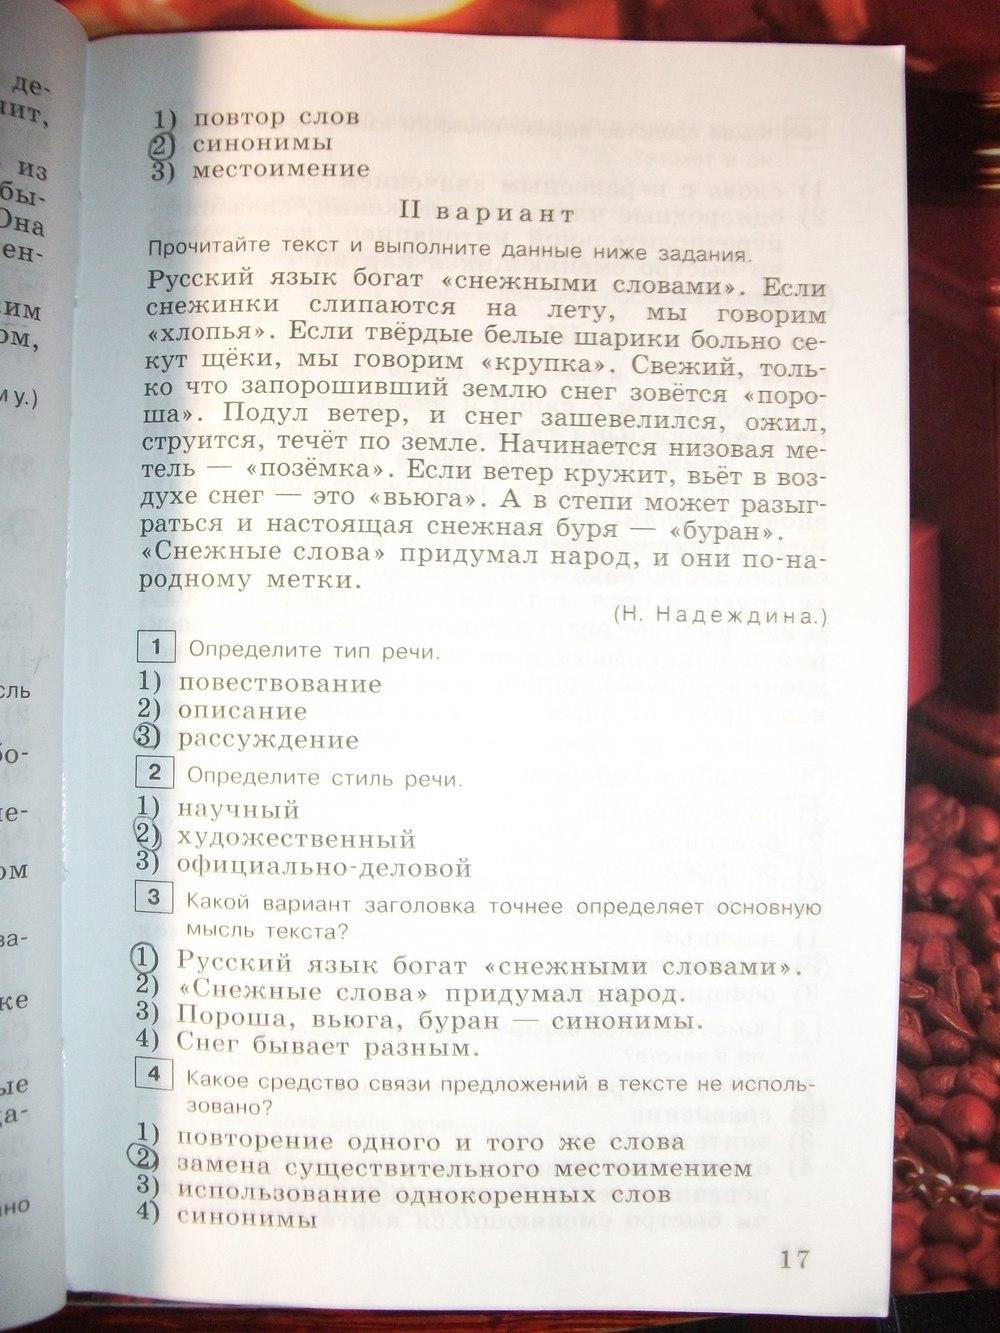 Гдз тестовое задание по русскому языку 6 класс